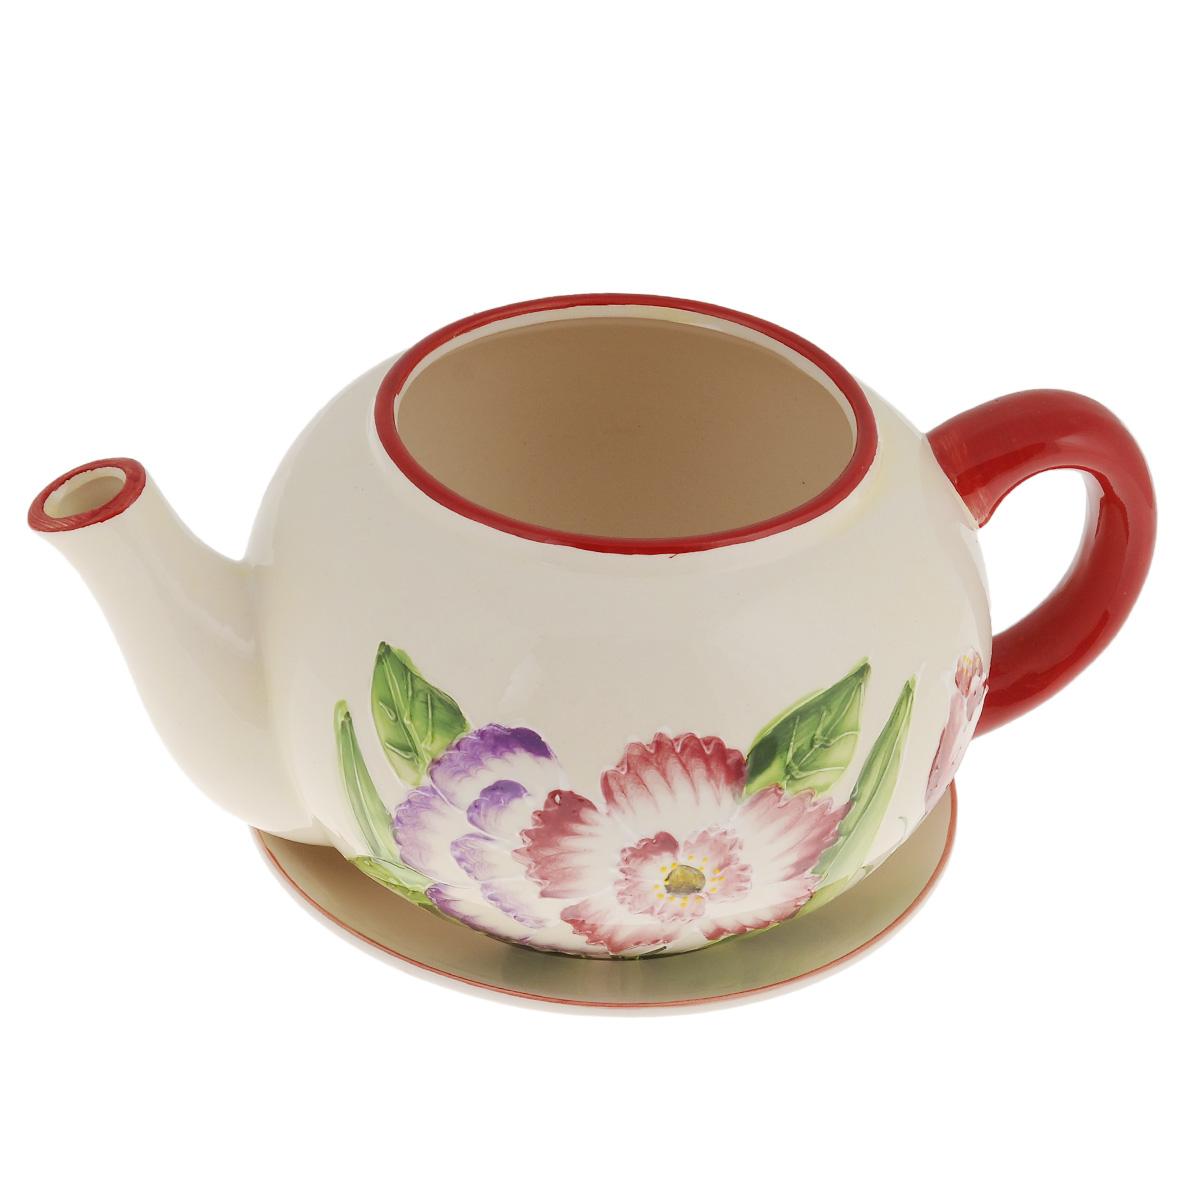 Кашпо Lillo Заварочный чайник, с поддоном. XY10S015-1CXY10S015-1CКашпо-горшок для цветов Lillo Заварочный чайник выполнен из прочной керамики и декорирован красочным рисунком. Изделие предназначено для цветов. Такие изделия часто становятся последним штрихом, который совершенно изменяет интерьер помещения или ландшафтный дизайн сада. Благодаря такому кашпо вы сможете украсить вашу комнату, офис, сад и другие места. Изделие оснащено специальным поддоном - блюдцем. Диаметр кашпо по верхнему краю: 12 см. Высота кашпо (без учета поддона): 14 см. Диаметр поддона: 20,5 см.